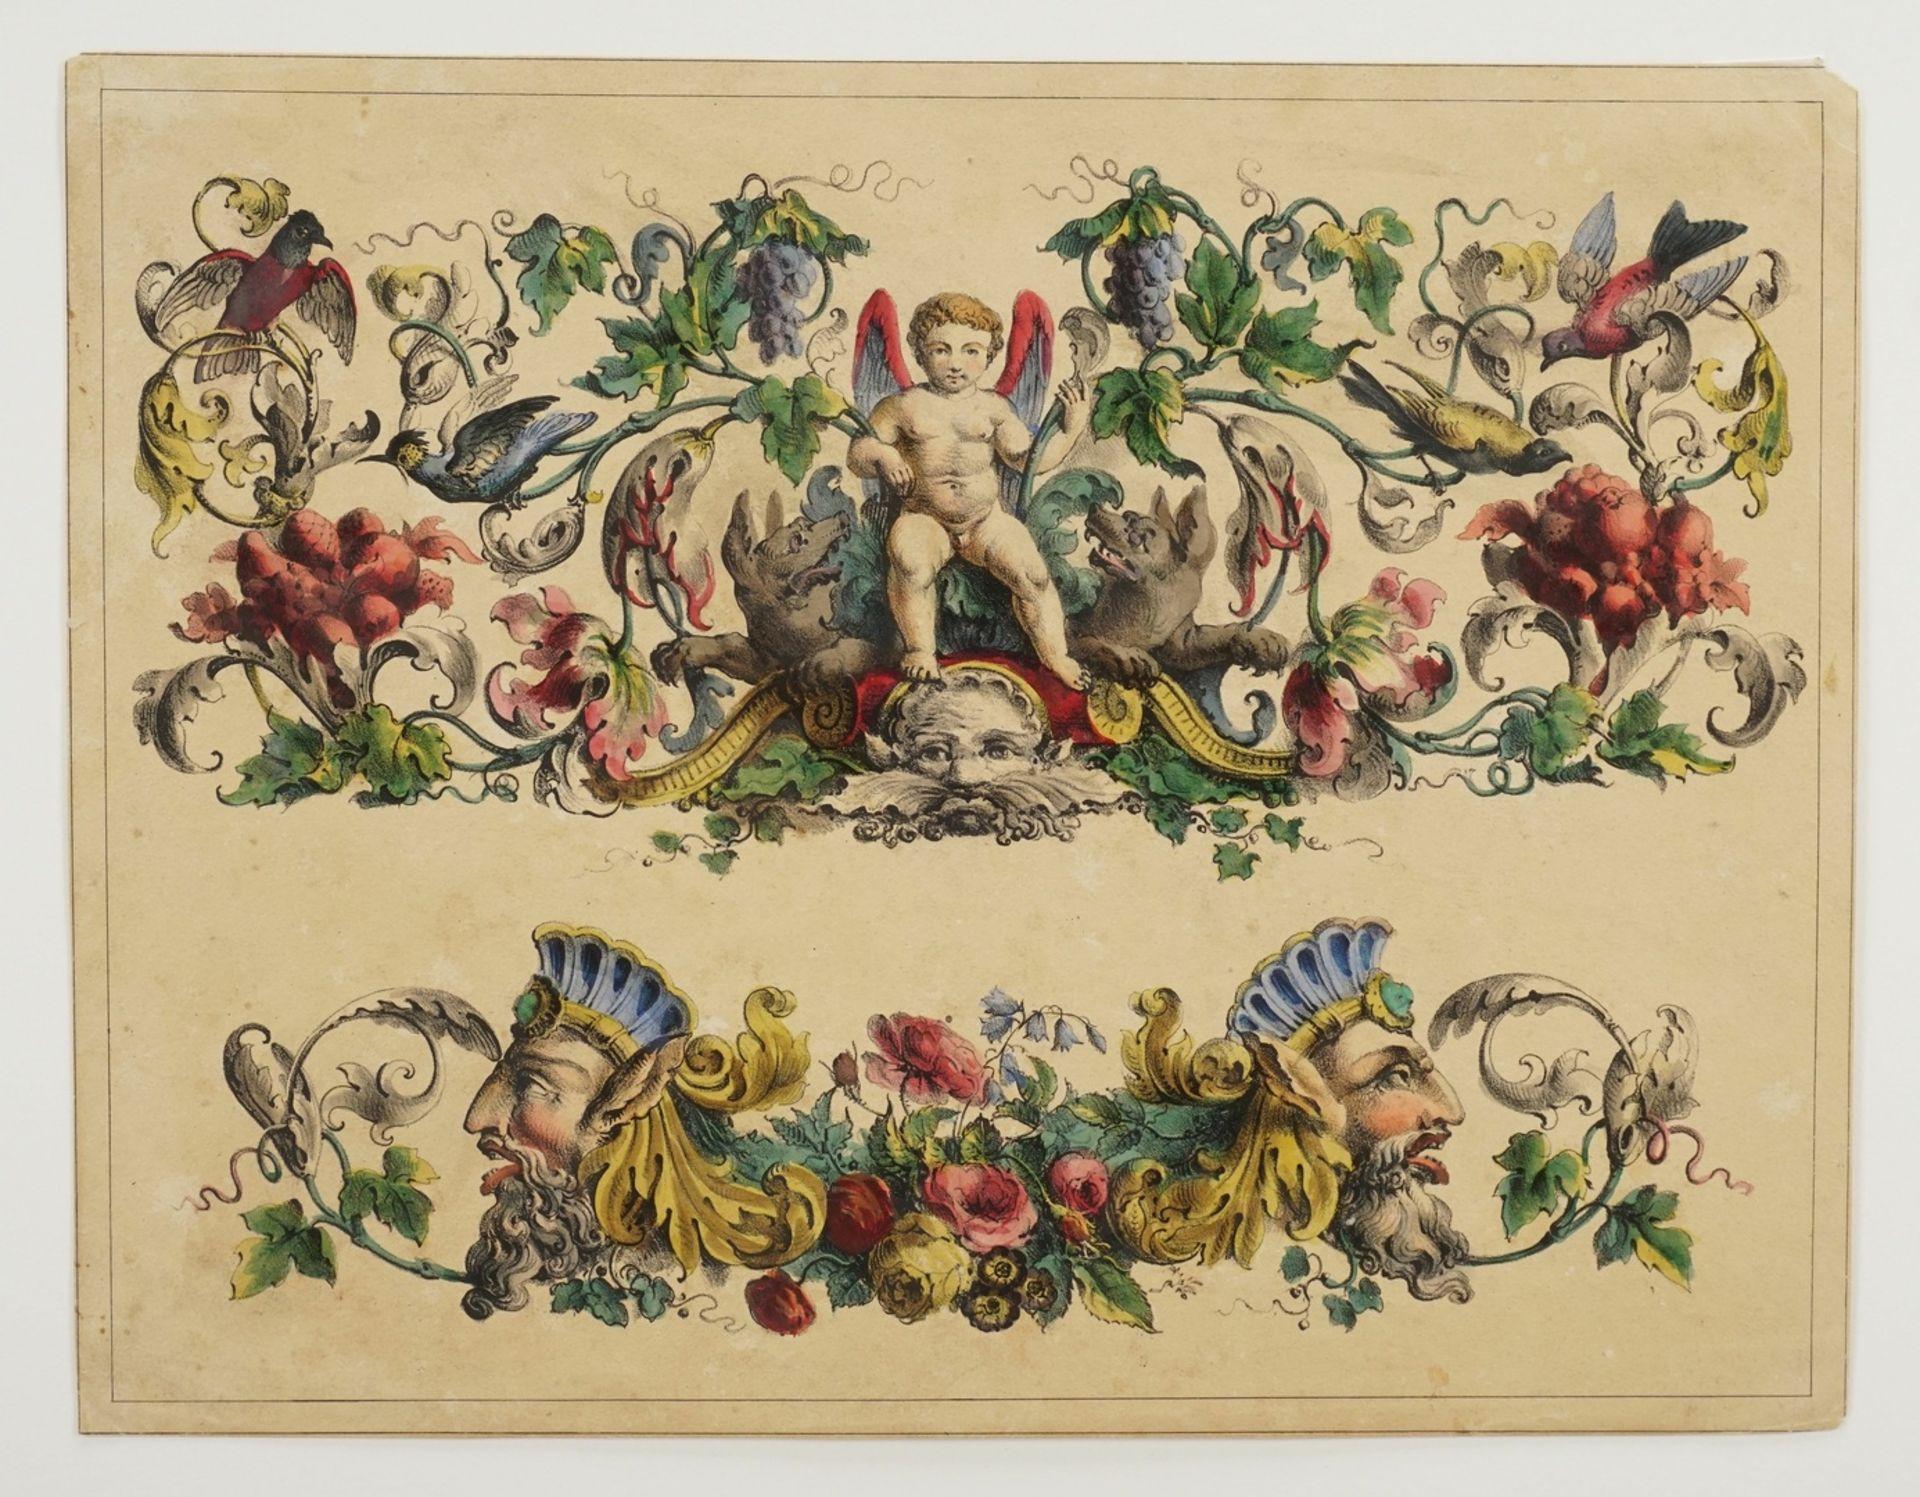 Dekorblatt mit Putto und Grotesken - Bild 3 aus 3